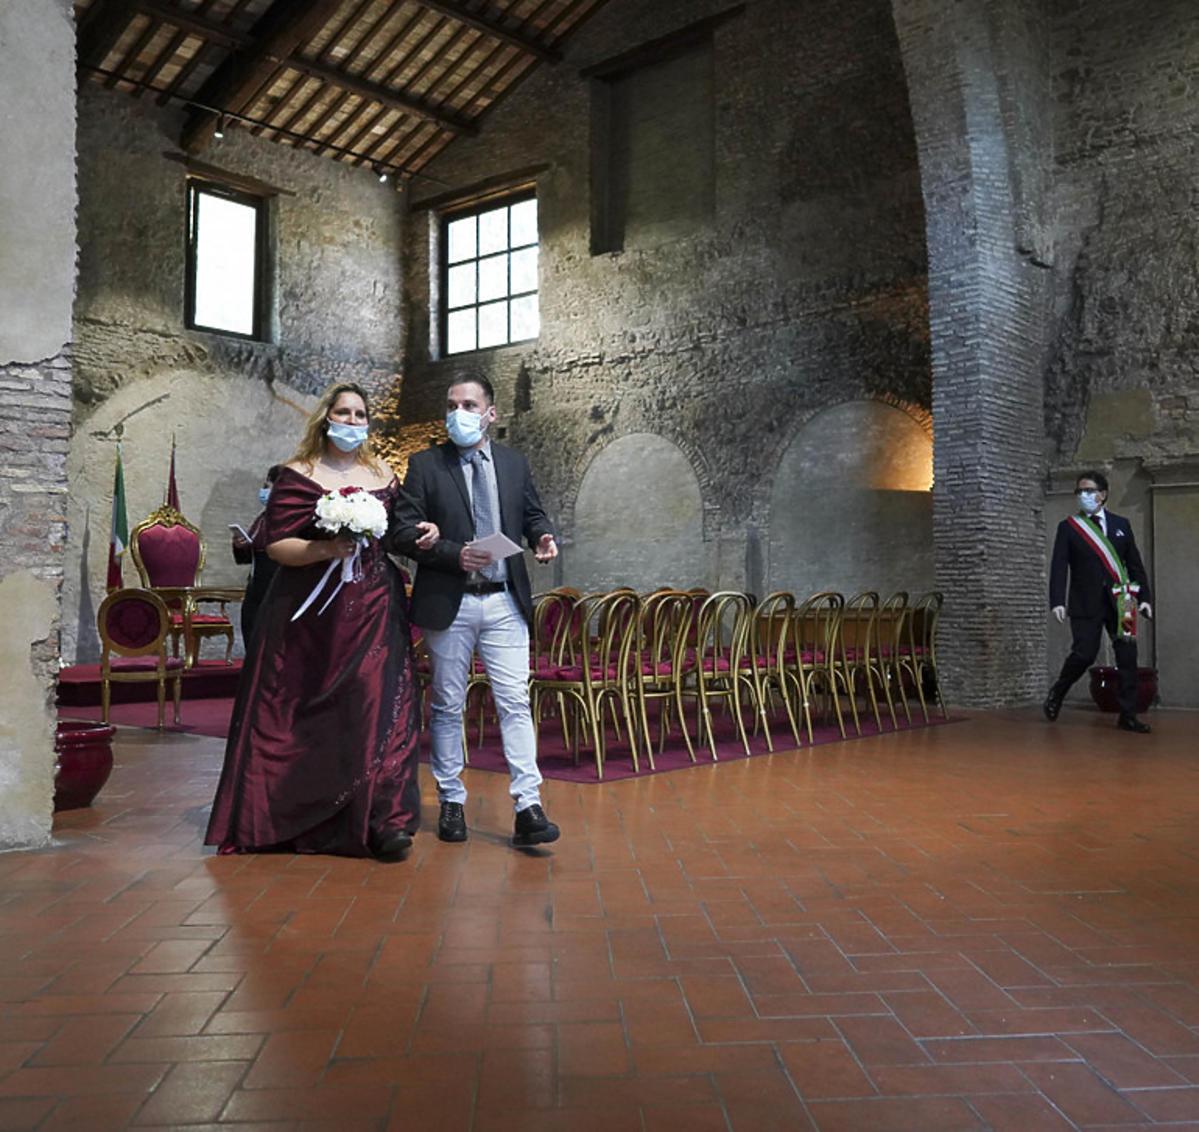 Ślub w maseczkach w Rzymie